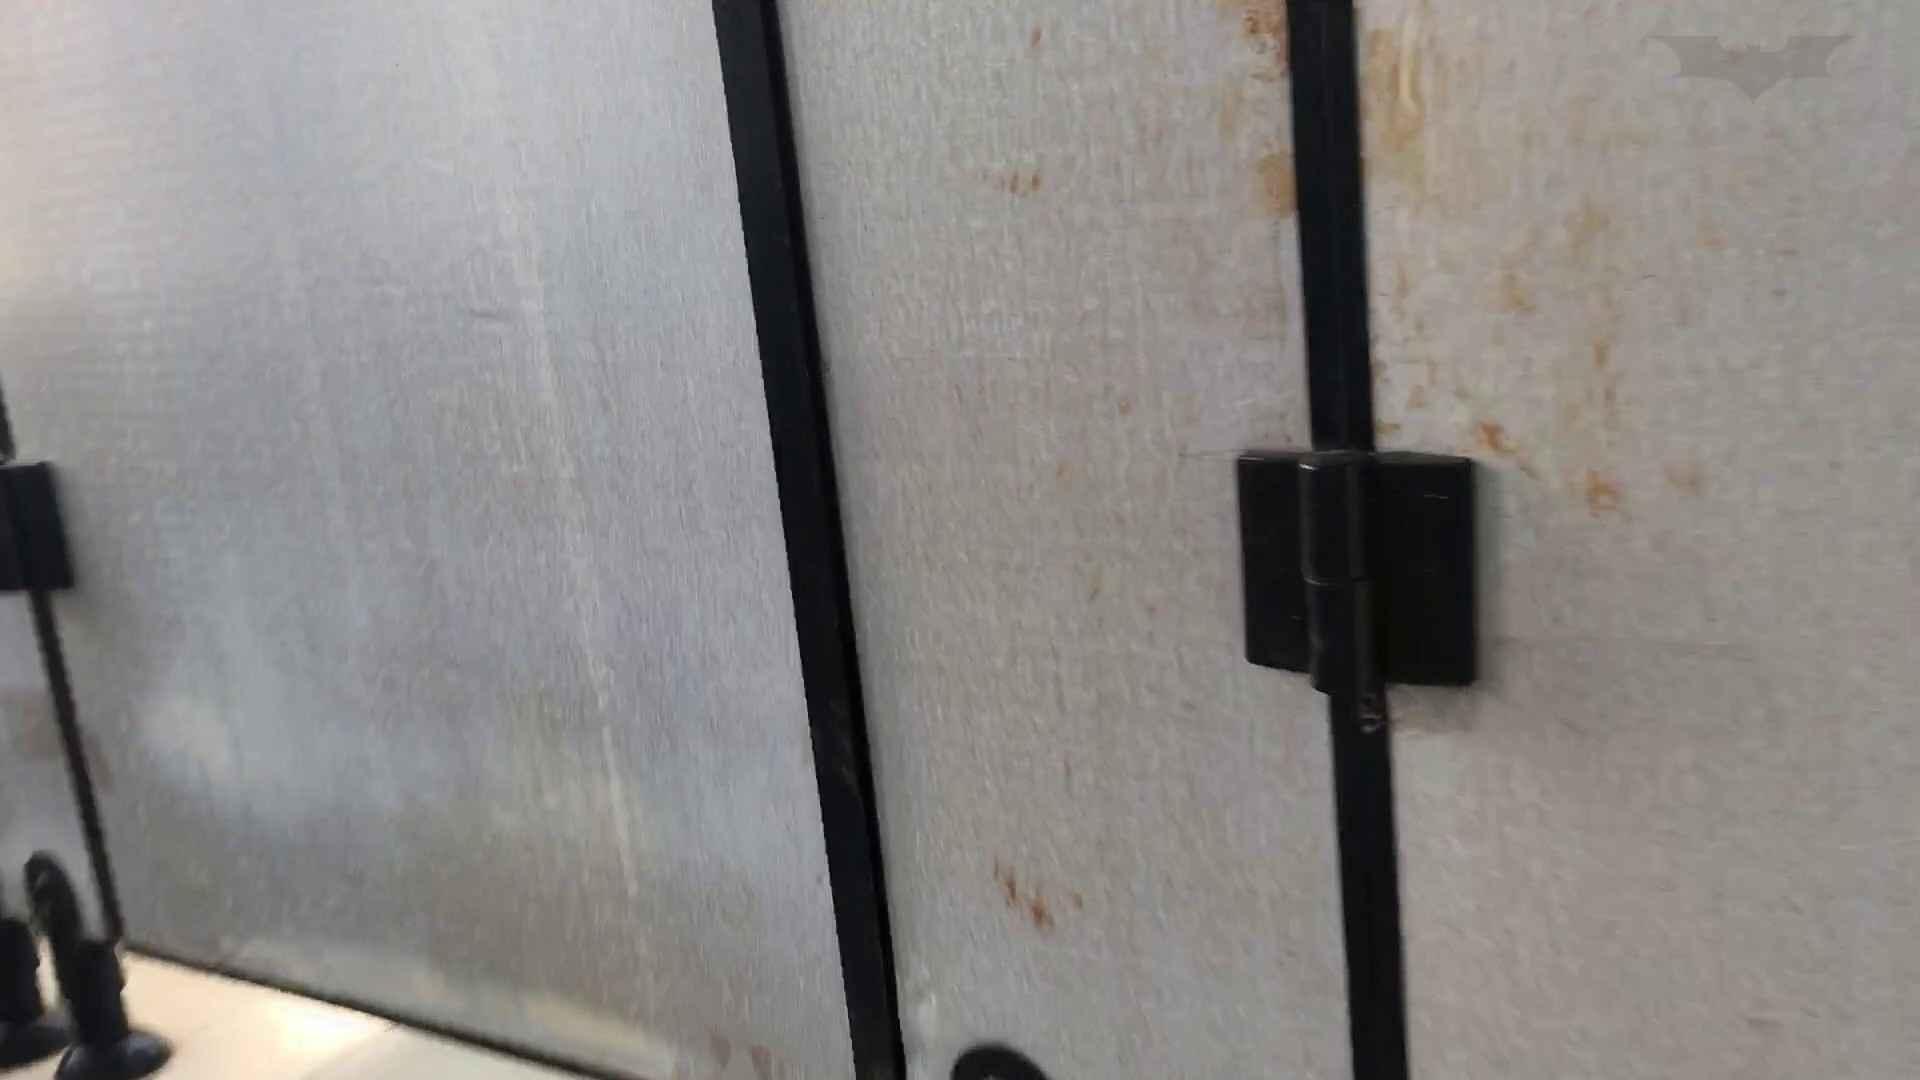 芸術大学ガチ潜入盗撮 JD盗撮 美女の洗面所の秘密 Vol.91 OLのボディ 盗み撮り動画キャプチャ 58PIX 32